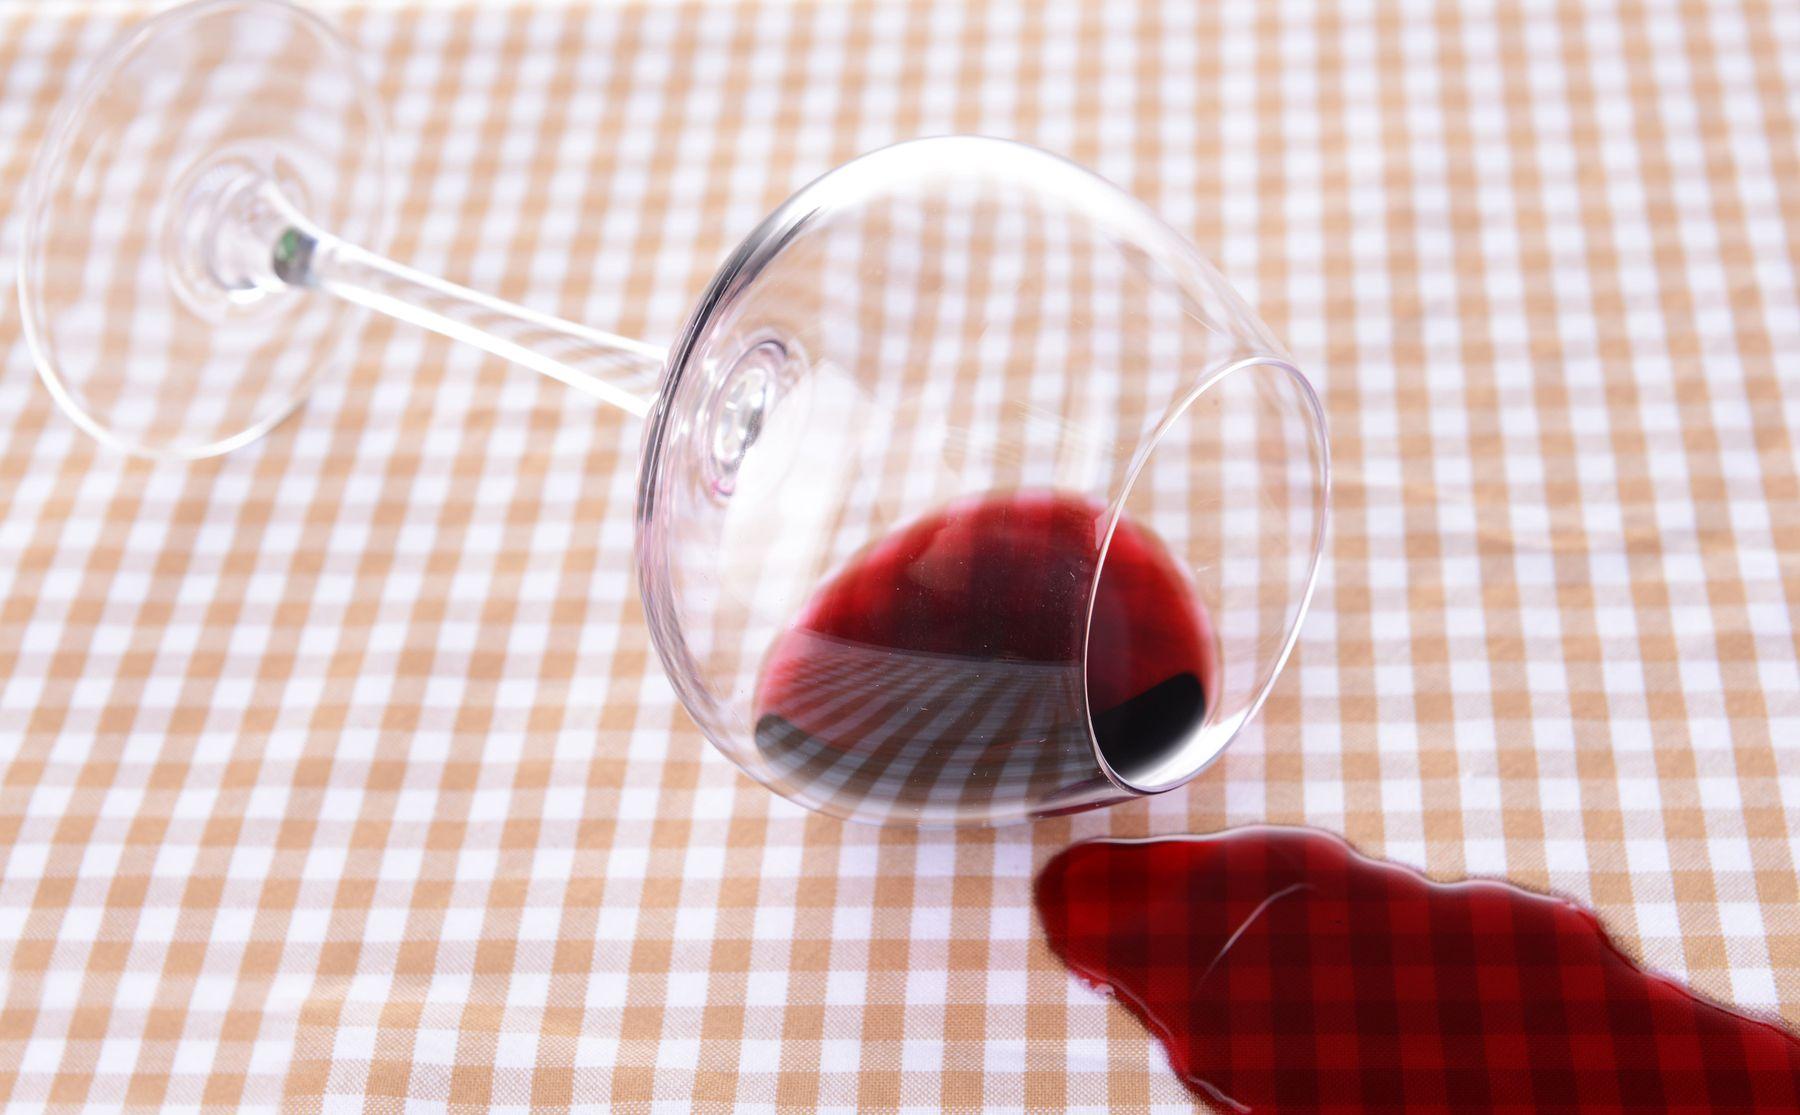 Taça de vinho derrubada sobre toalha de mesa quadriculada